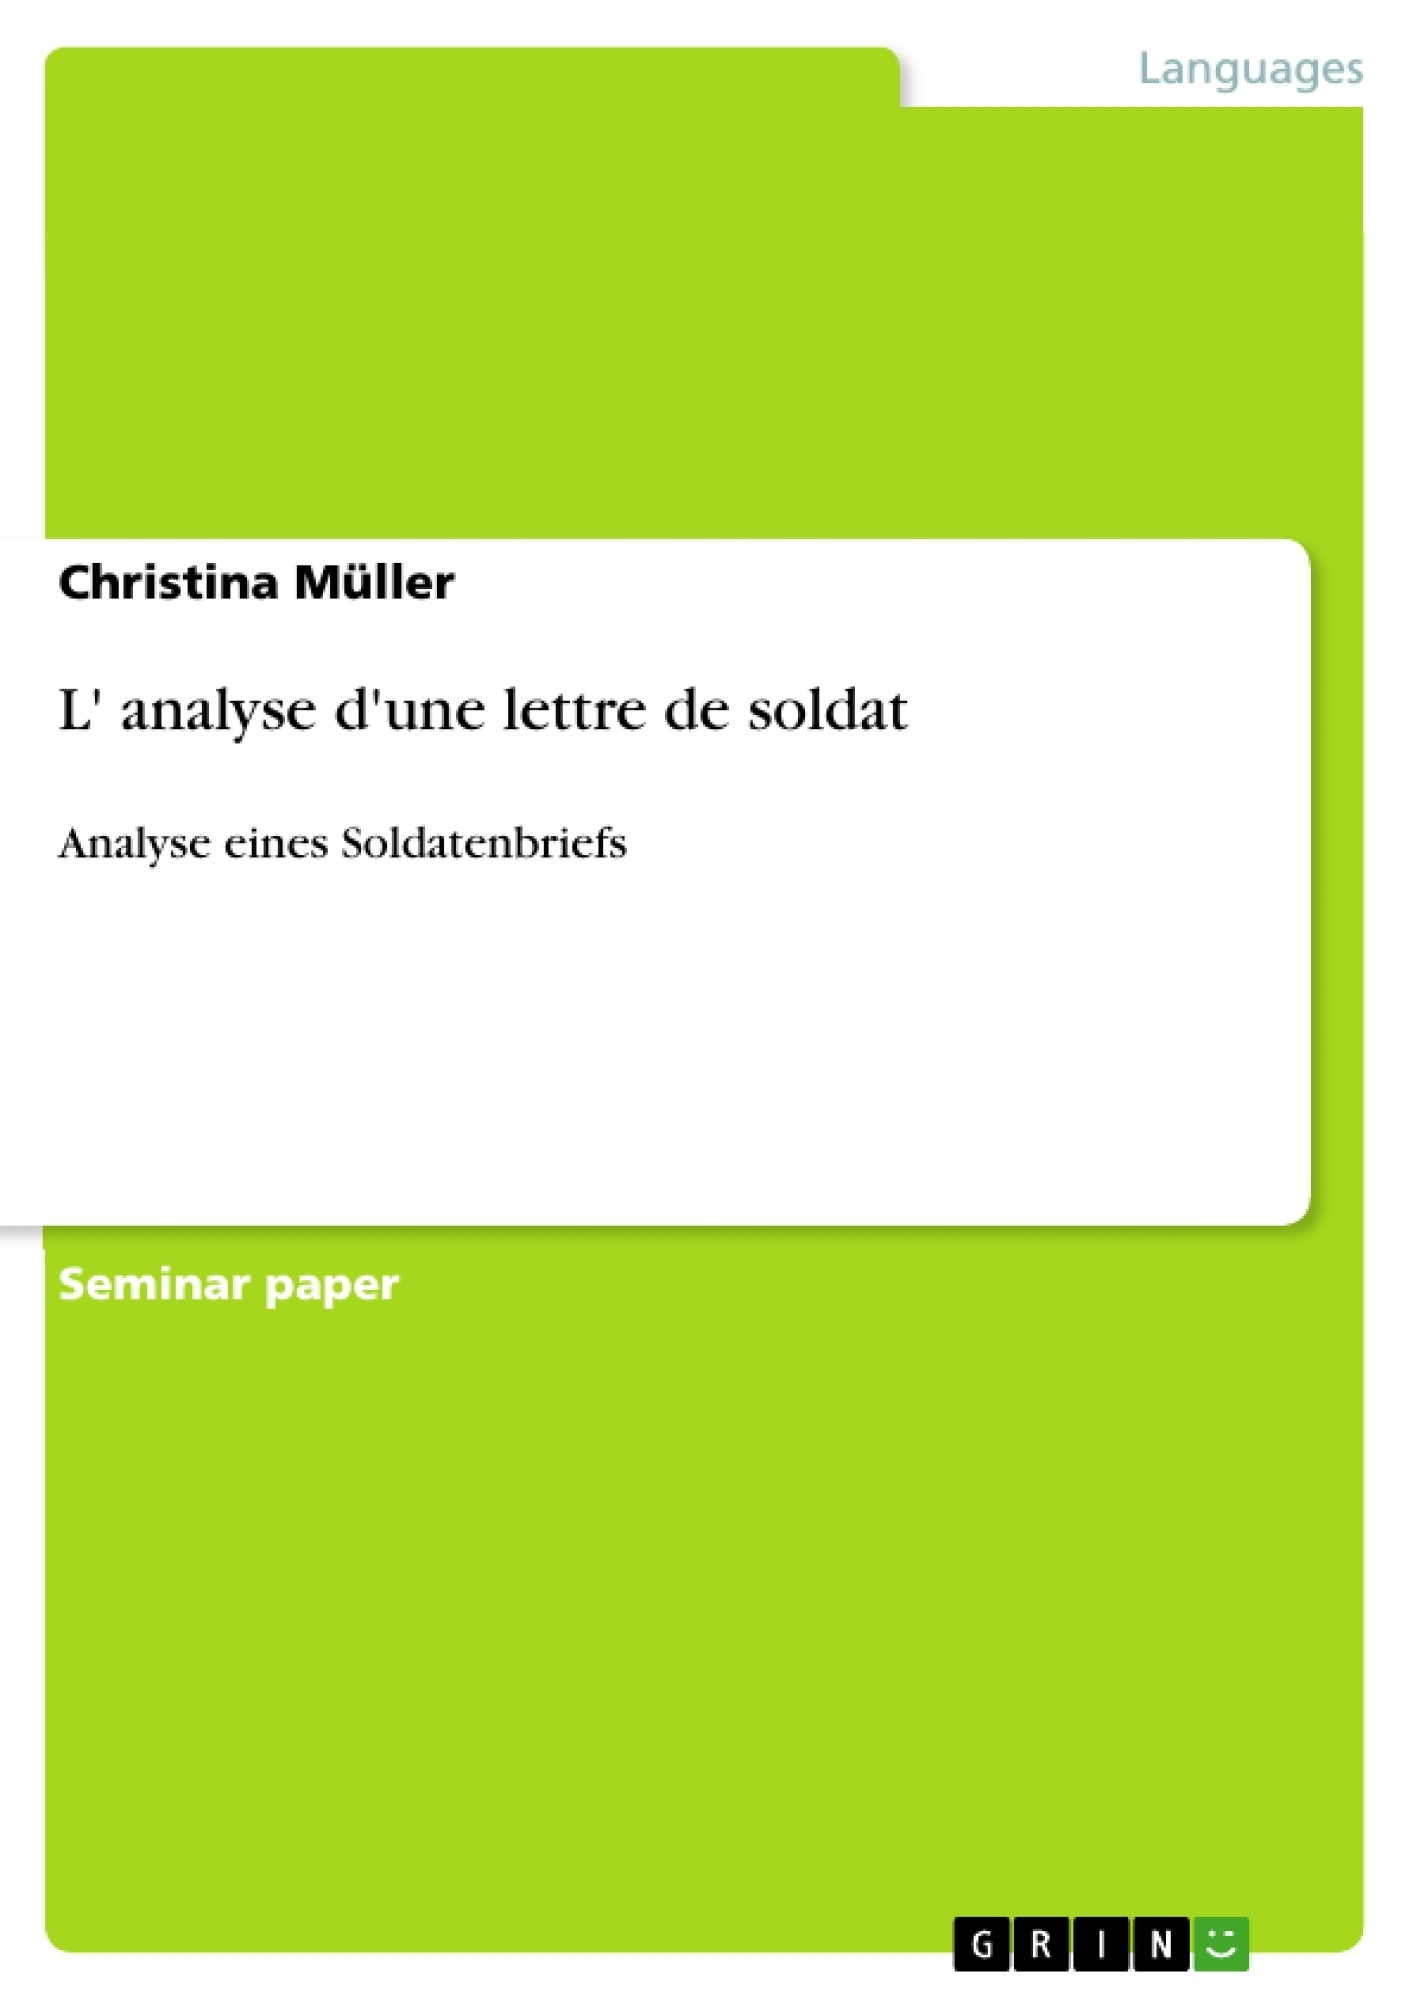 Titre: L' analyse d'une lettre de soldat